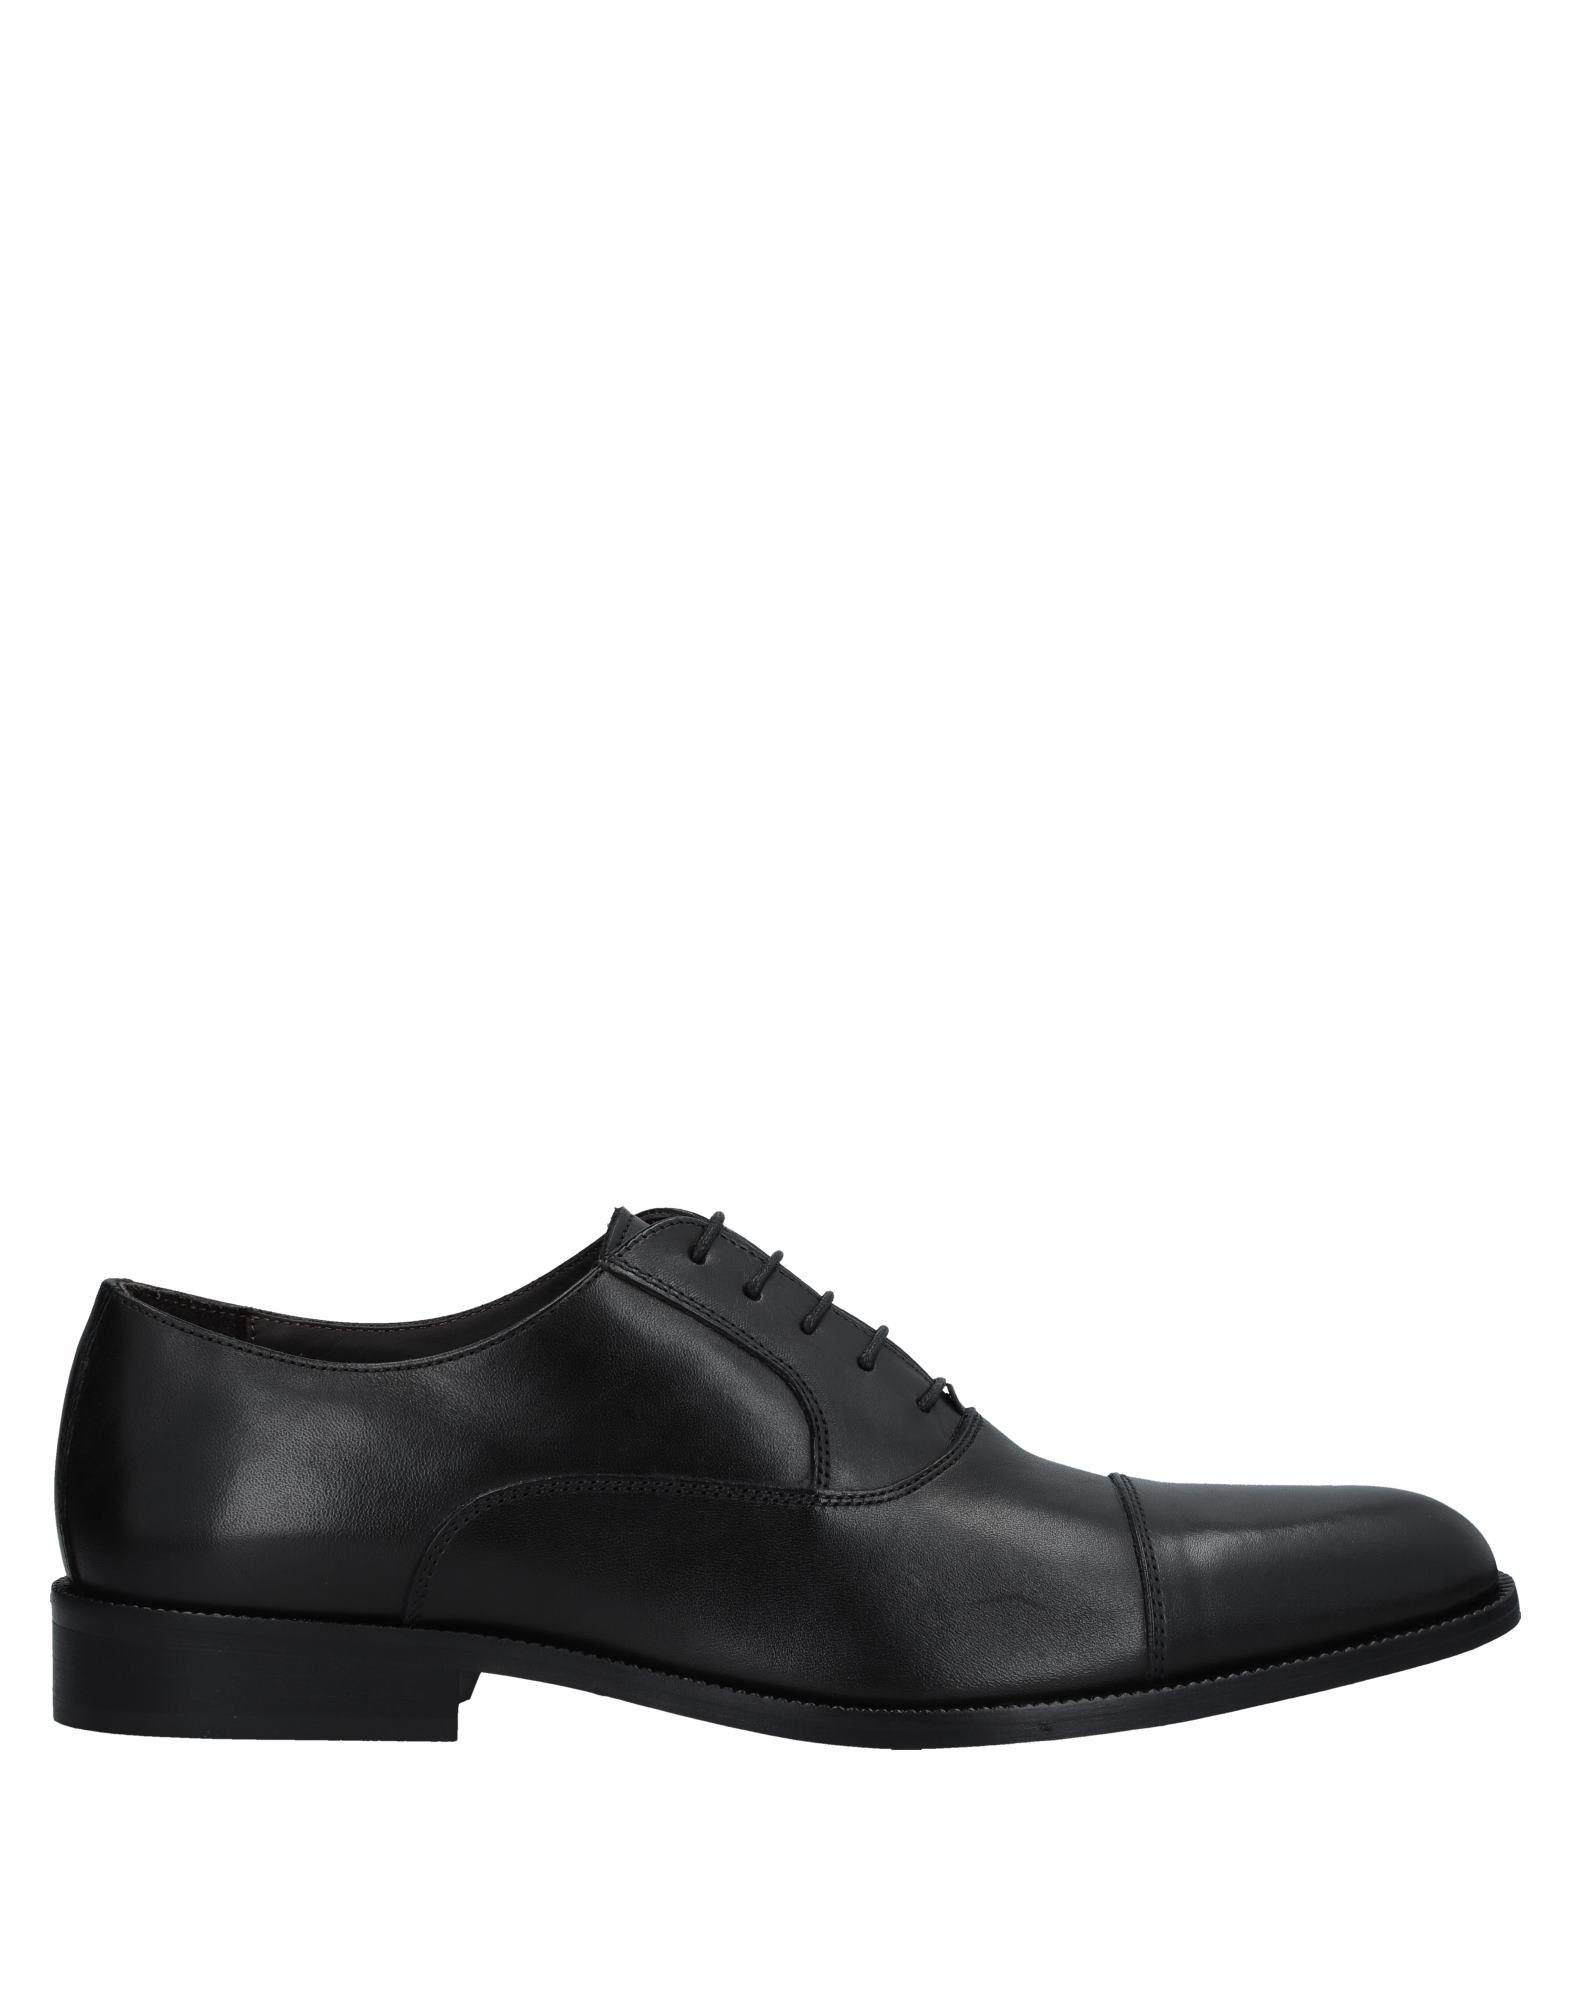 A.Testoni Schnürschuhe Herren  11540333KU Gute Qualität beliebte Schuhe